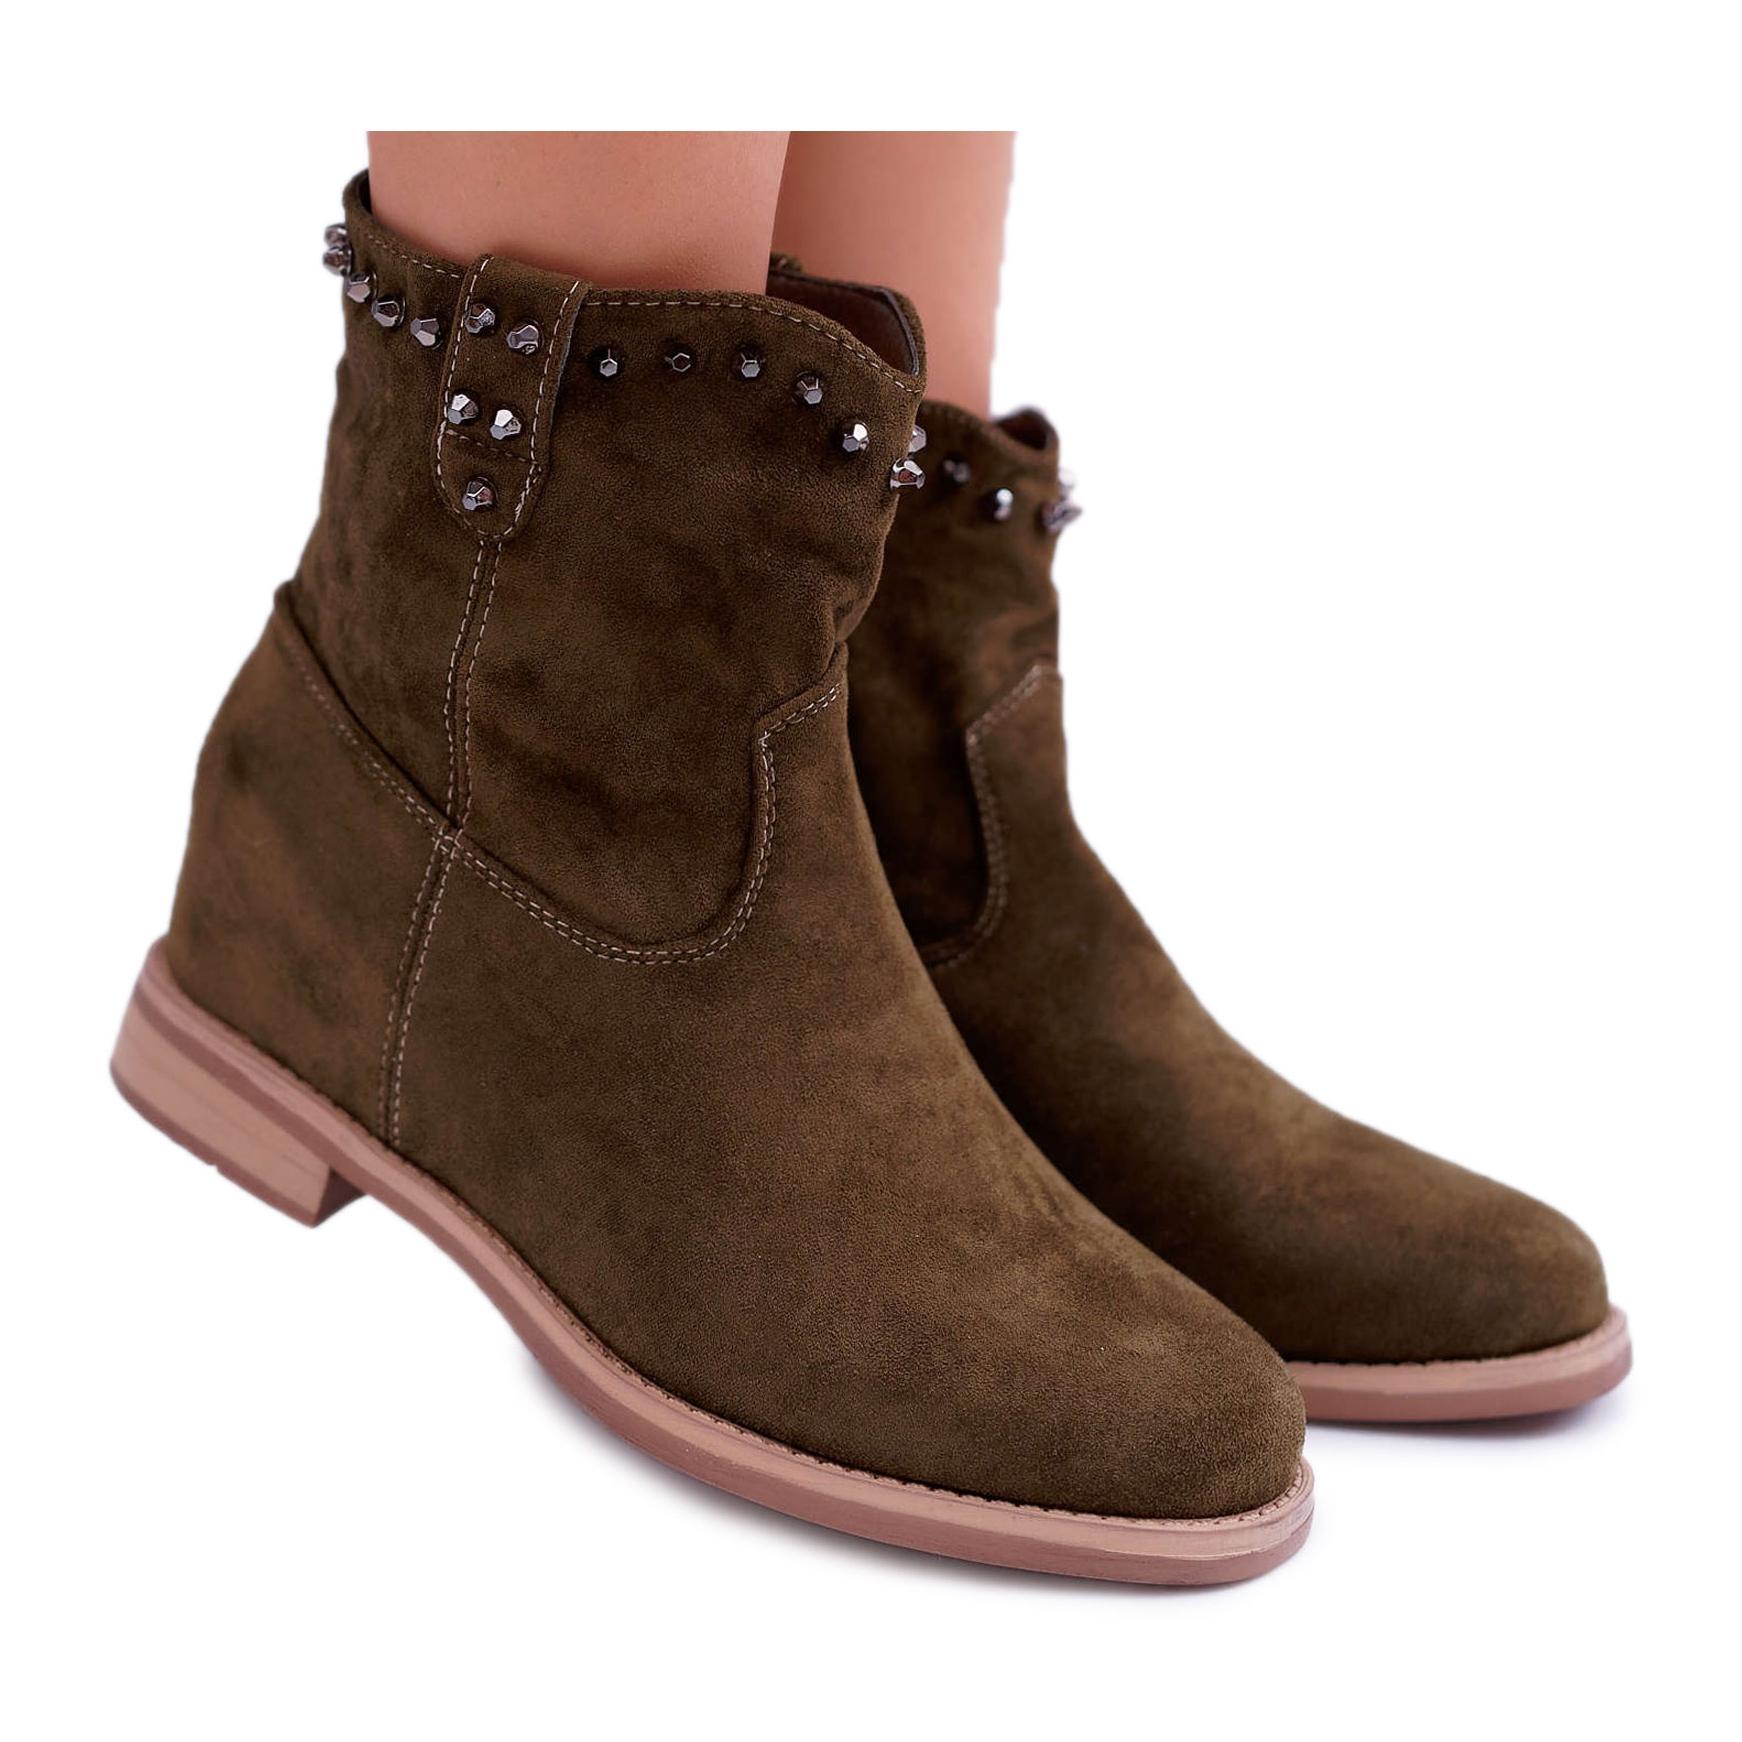 SEA Women's Ankle Boots Flat Heel